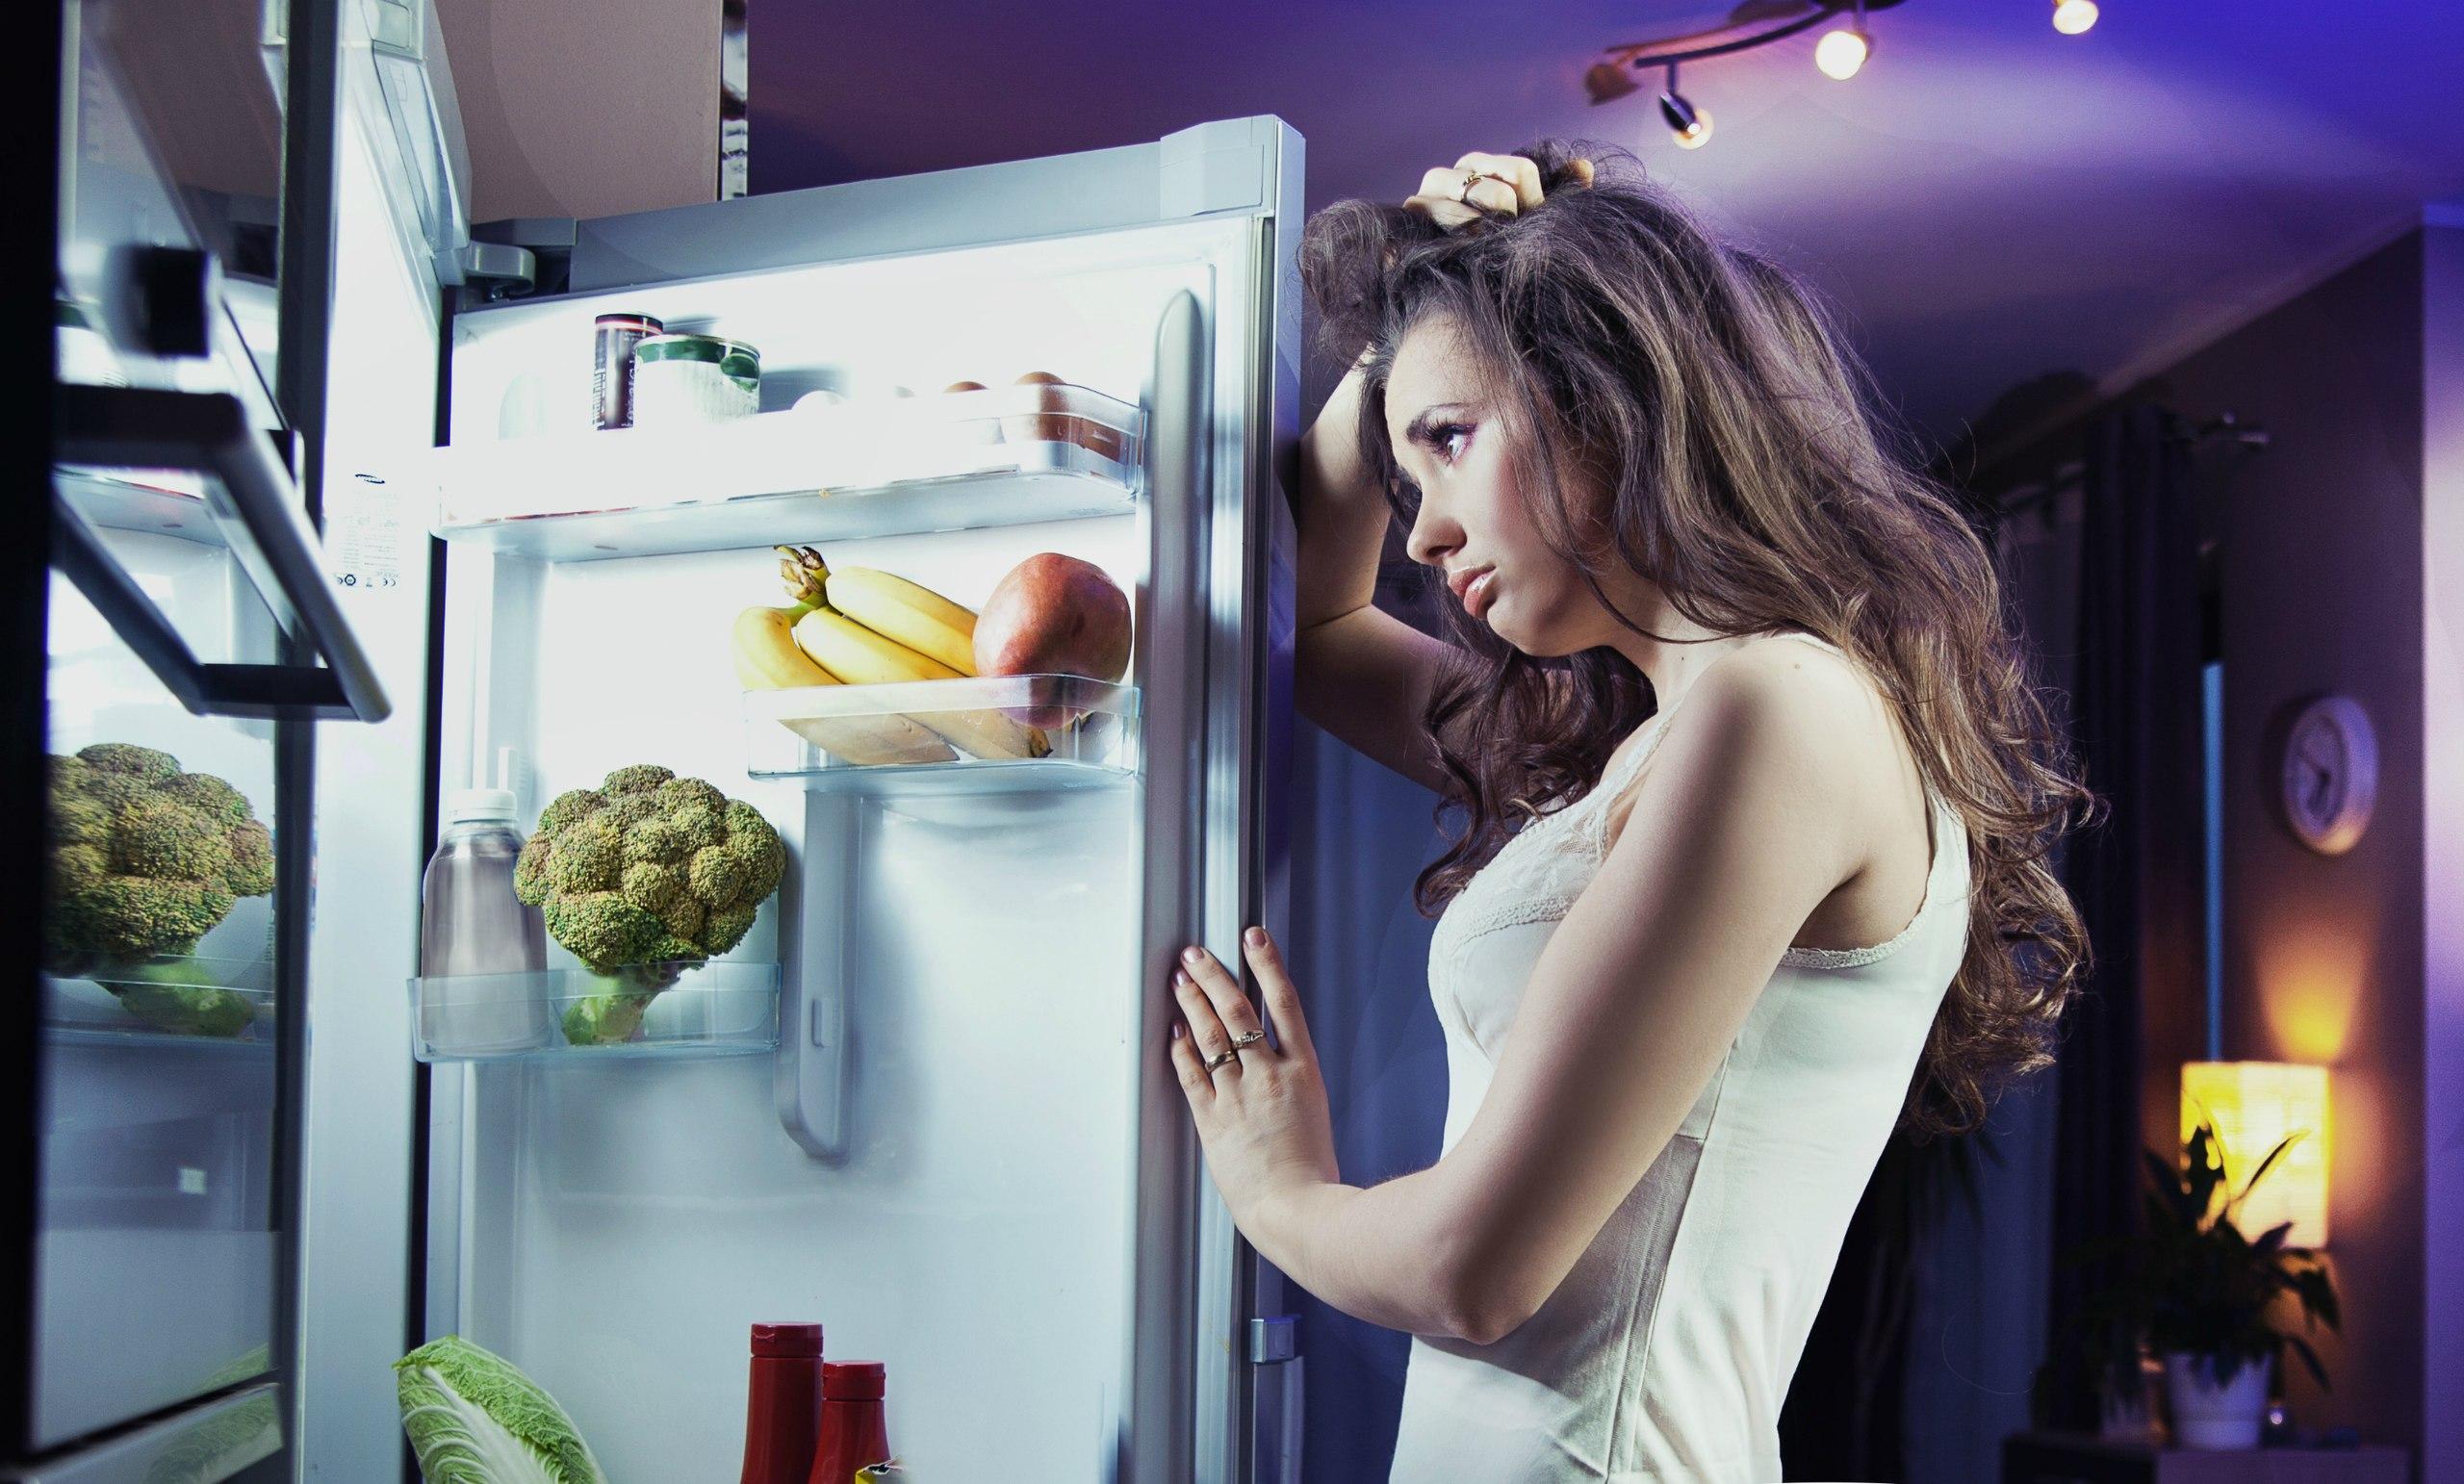 К рациону диеты добавьте какие-либо жиросжигающие продукты.